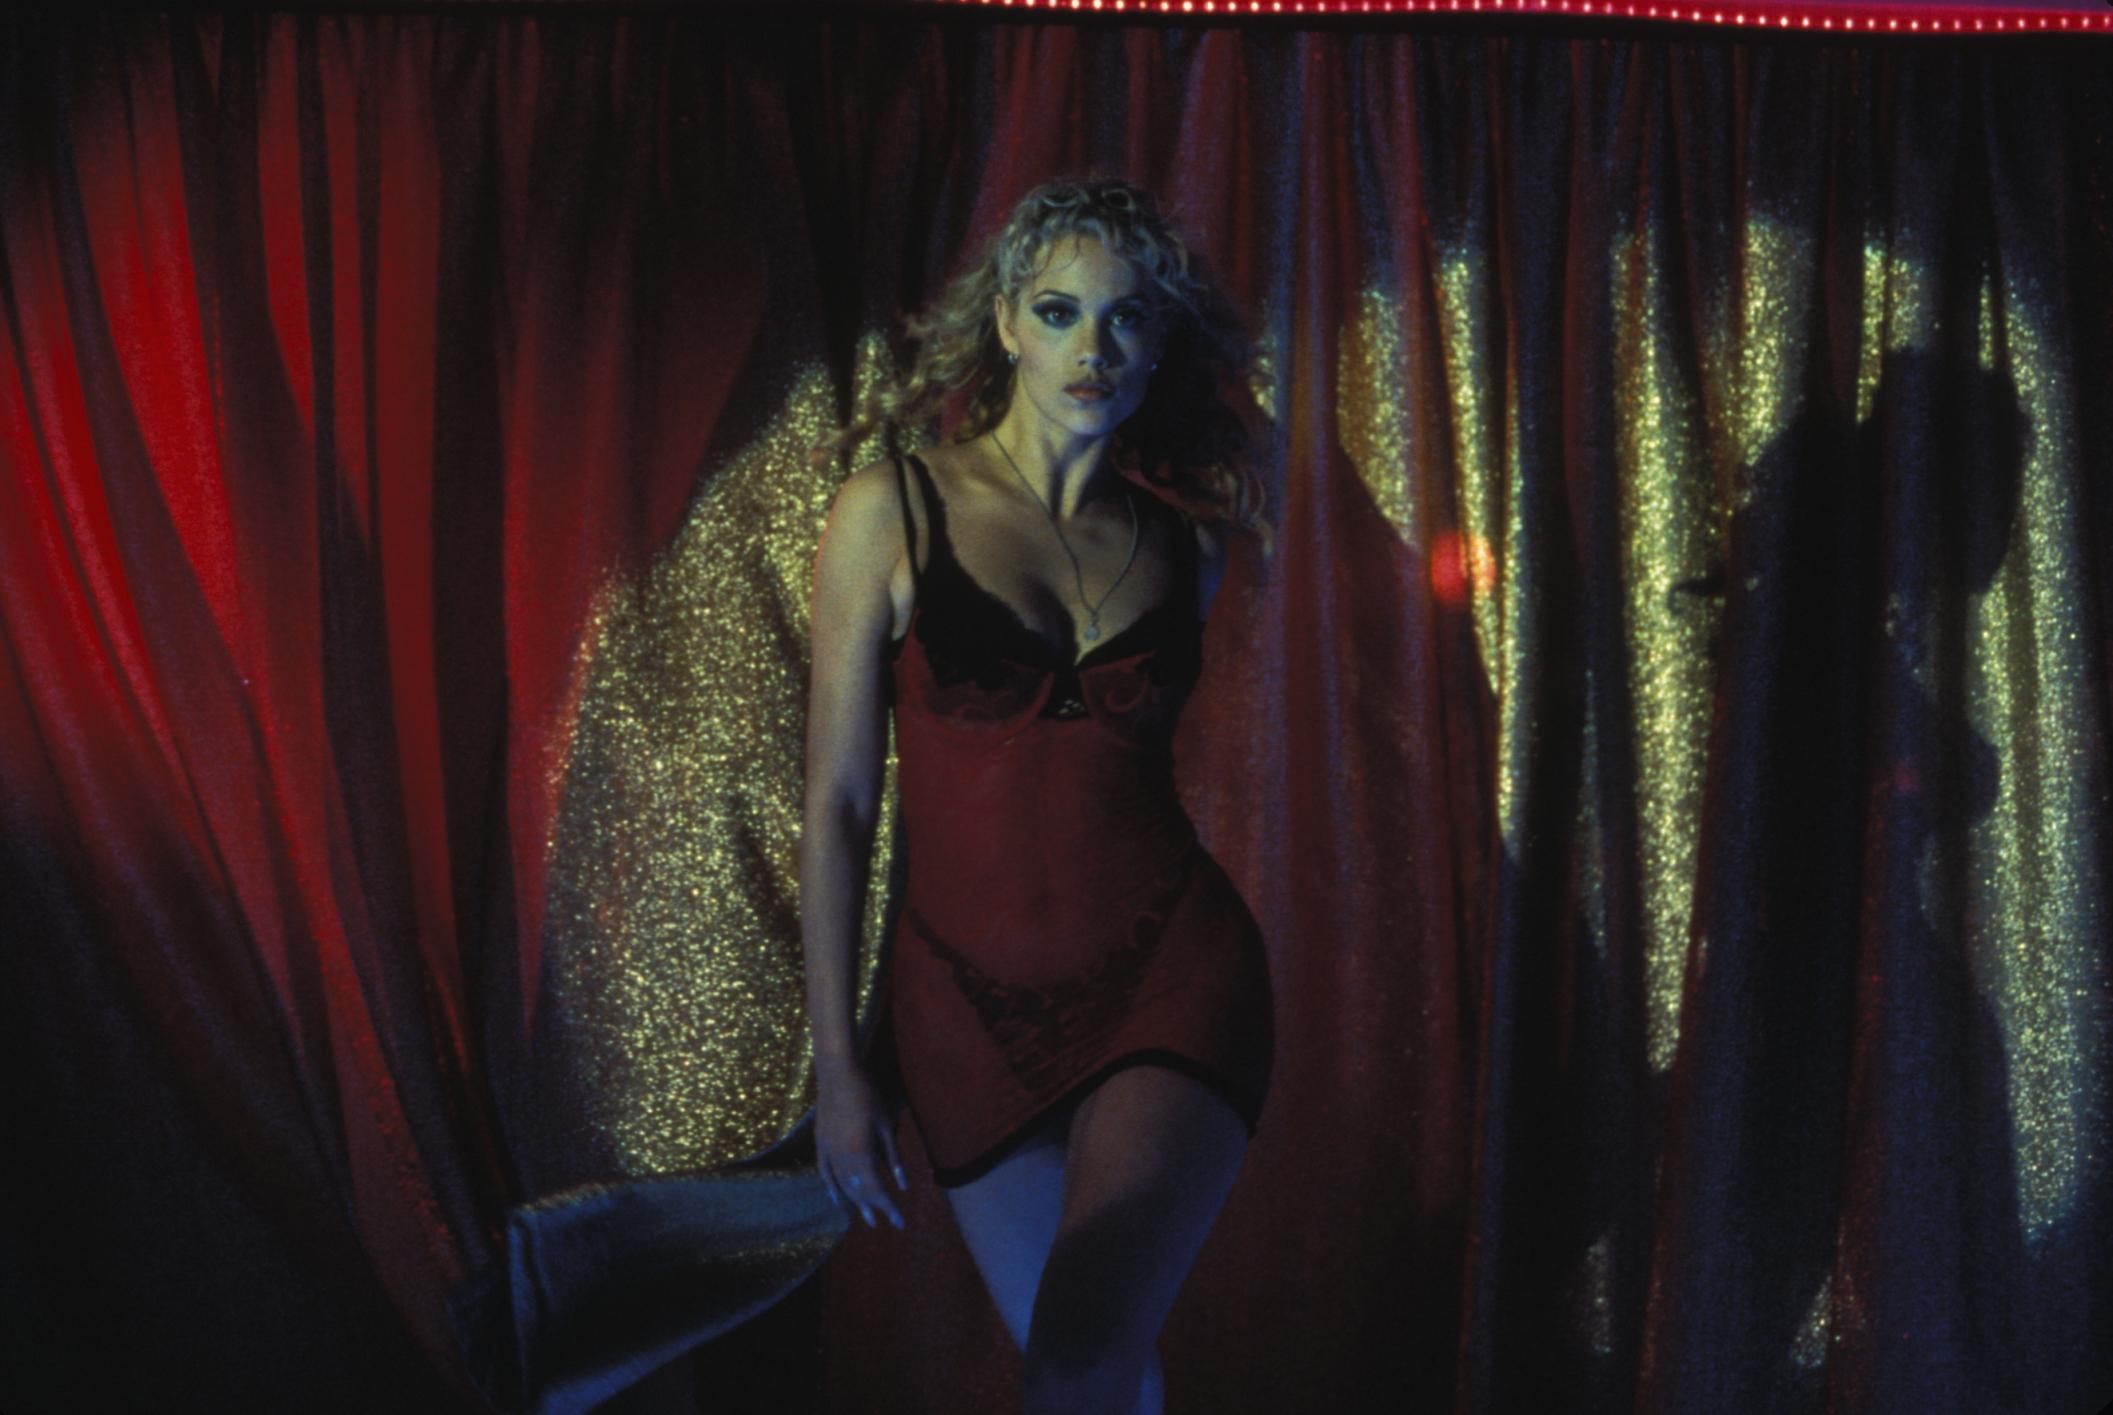 watch showgirls online free movie2k